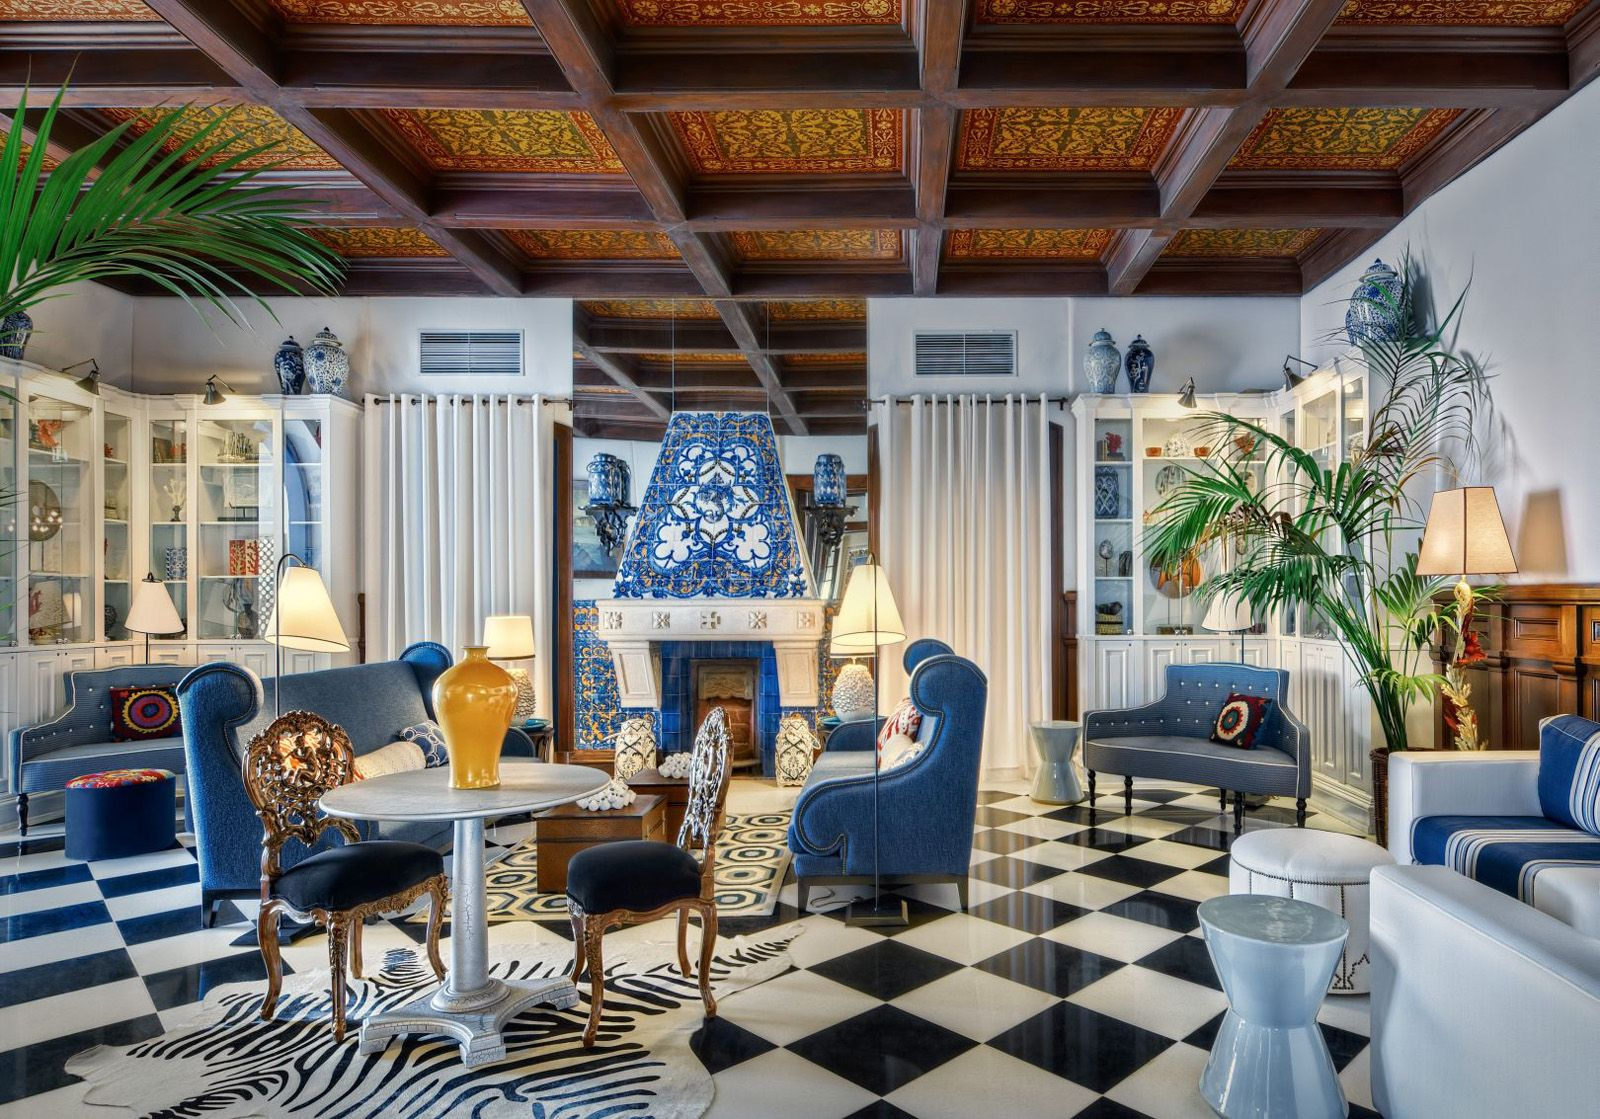 hotel bela vista eclectic interiors living room flooring